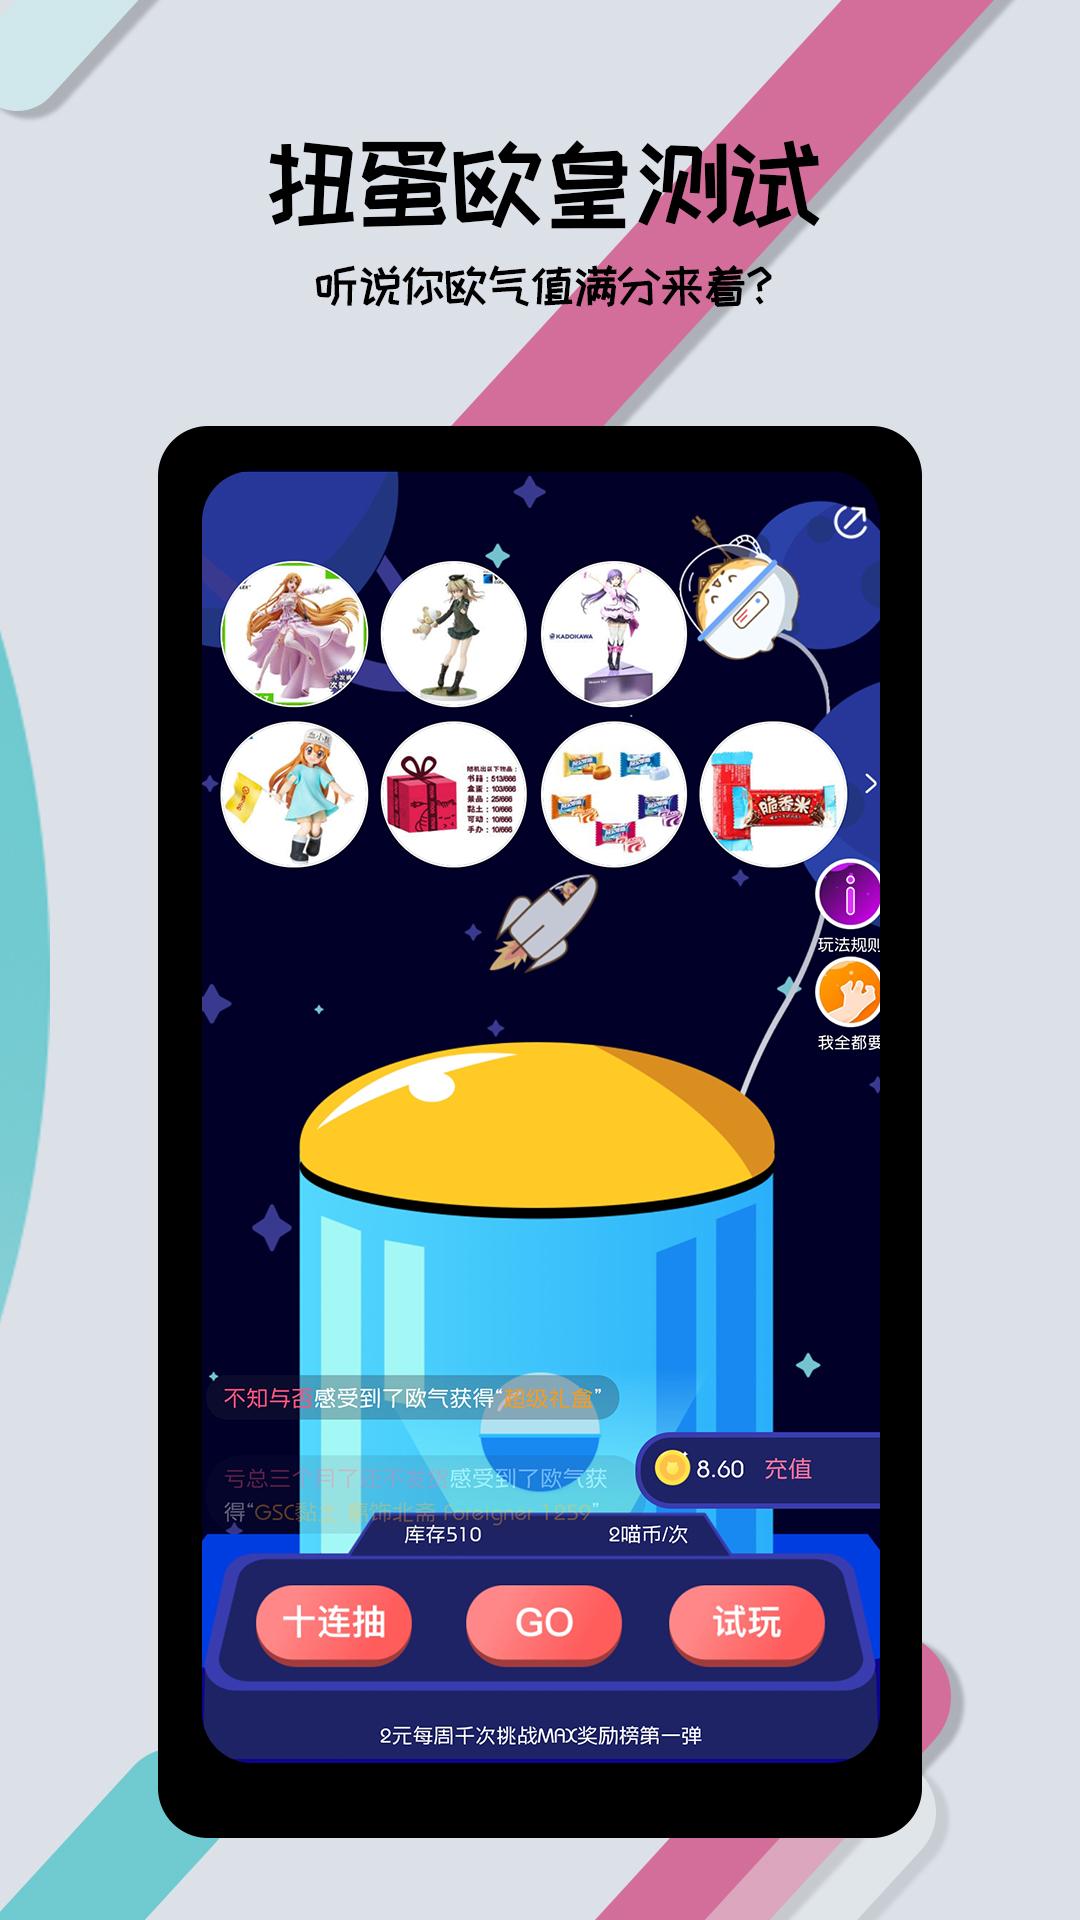 喵特App-喵特手机版下载-喵特安卓版/iOS版/PC版安装-飞翔软件喵特App下载